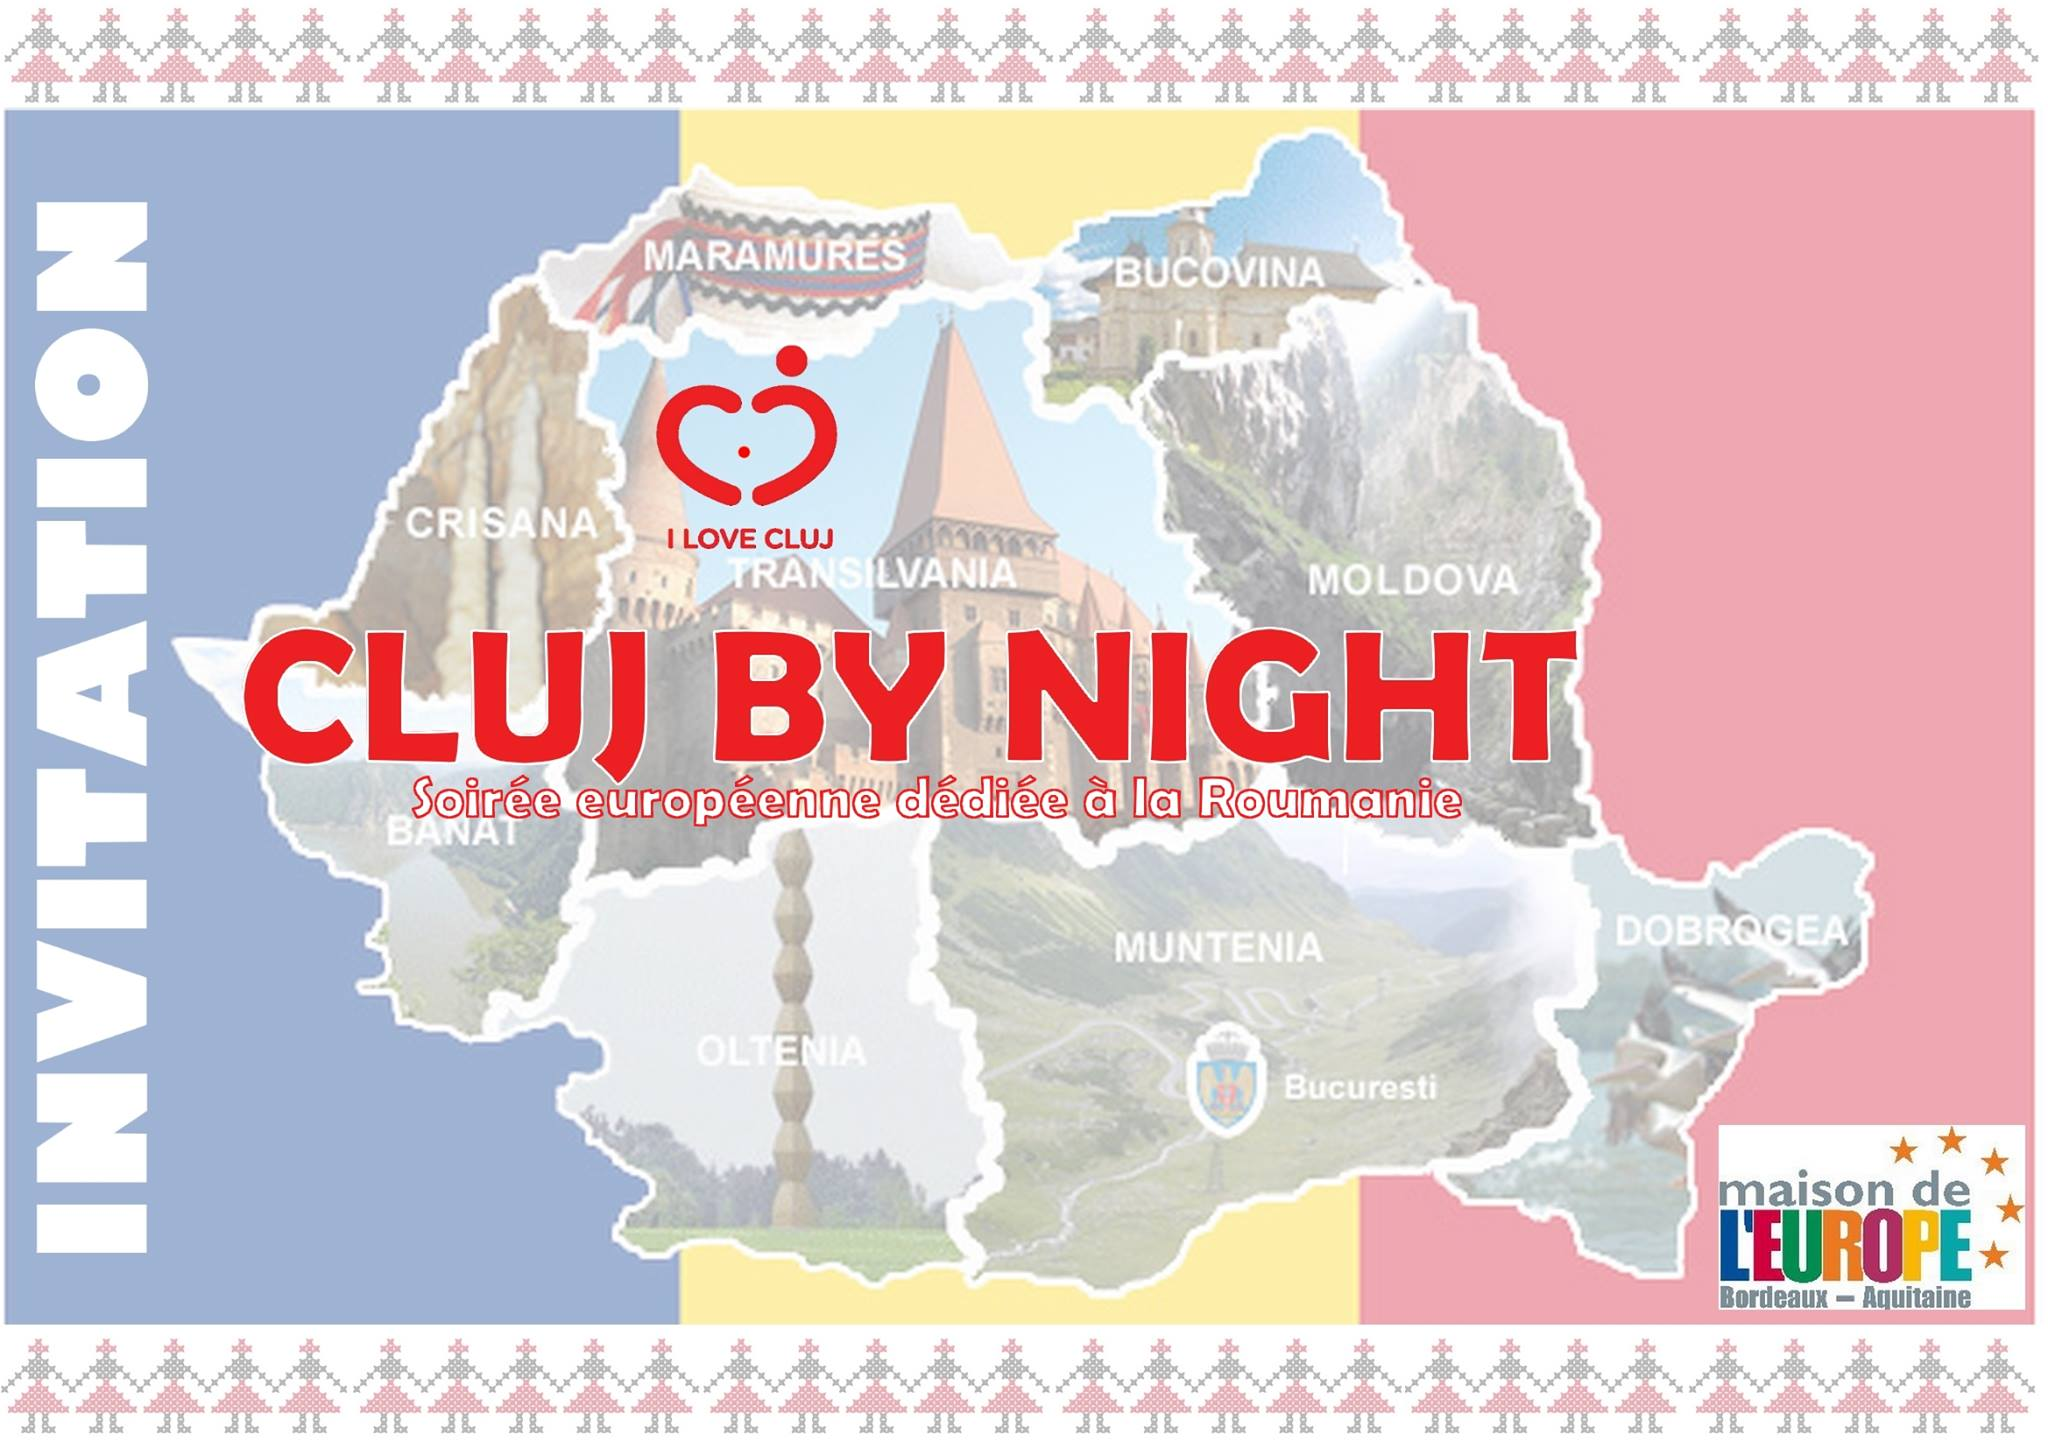 Soirée découverte dédiée à la Roumanie